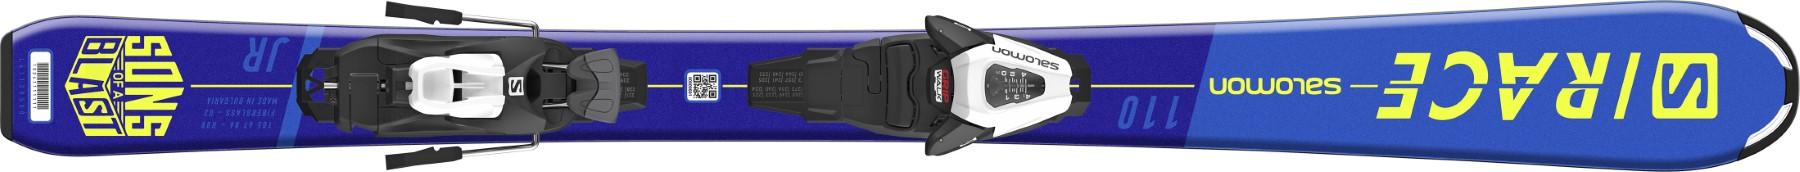 Salomon S_Race Jr S 2022